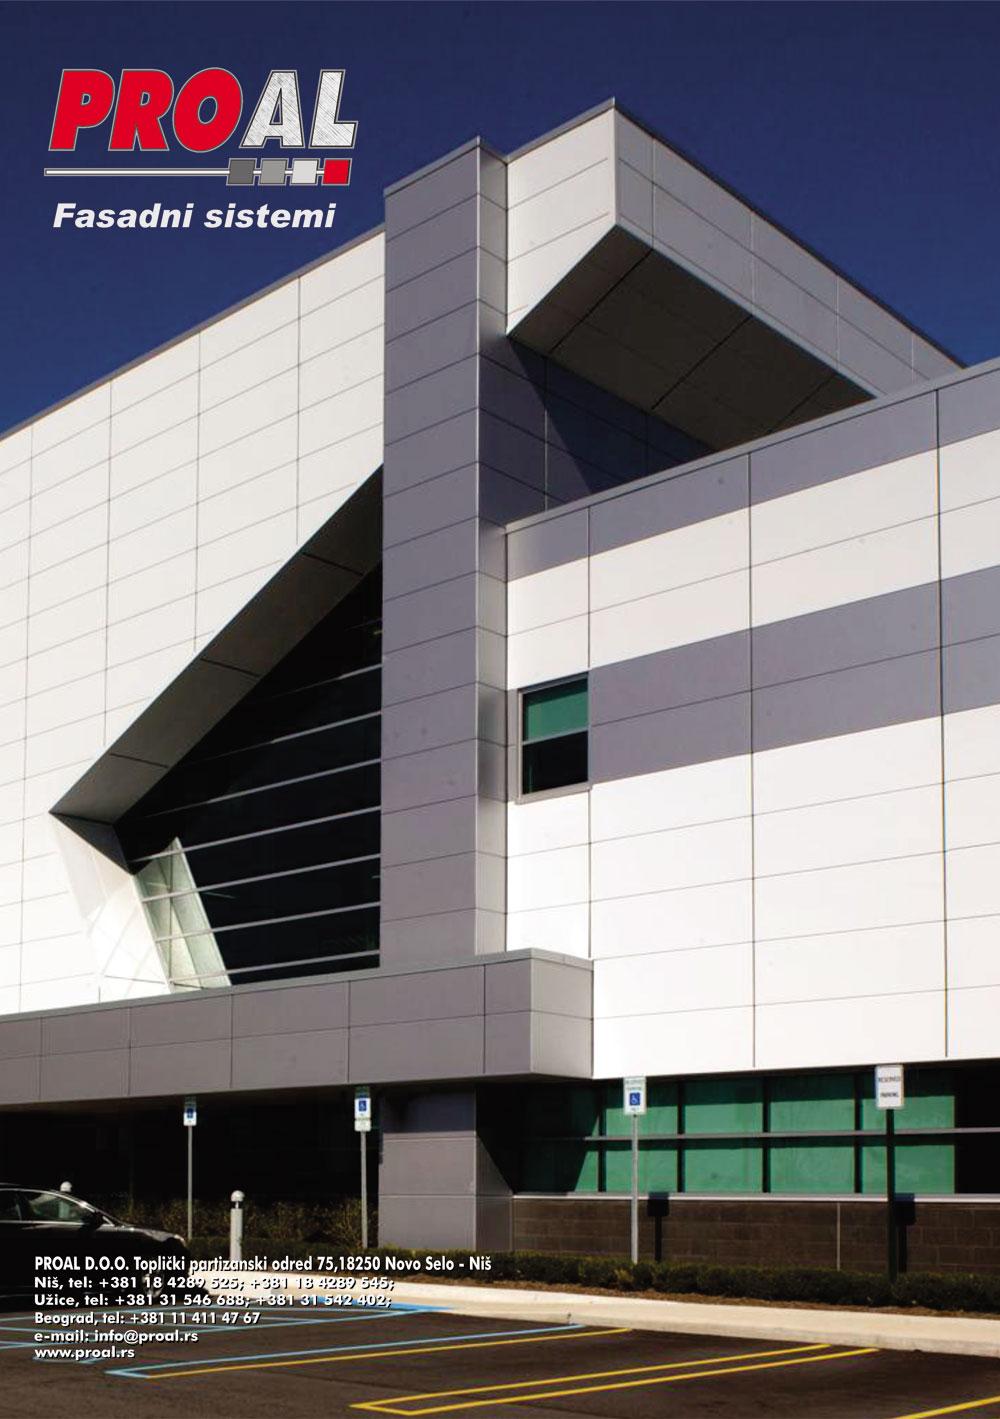 PROAL fasadni sistemi